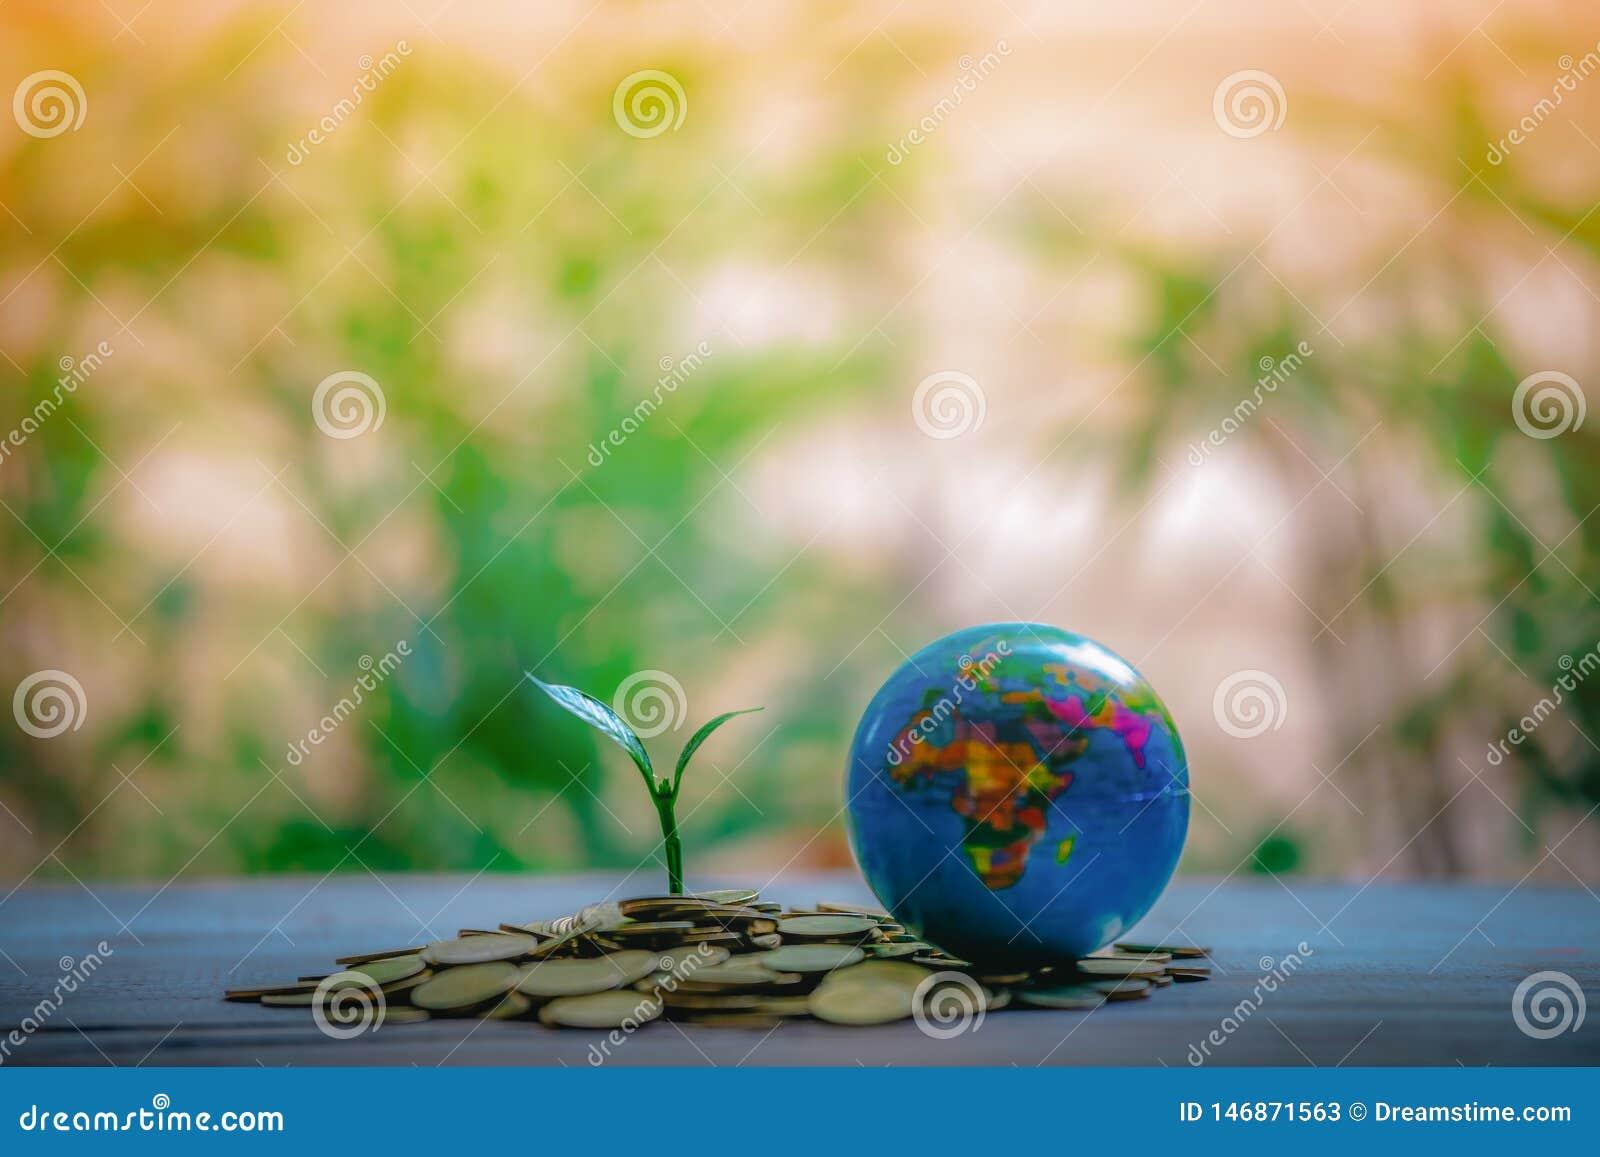 Ernten auf M?nzen - Investitionsideen f?r Wachstum